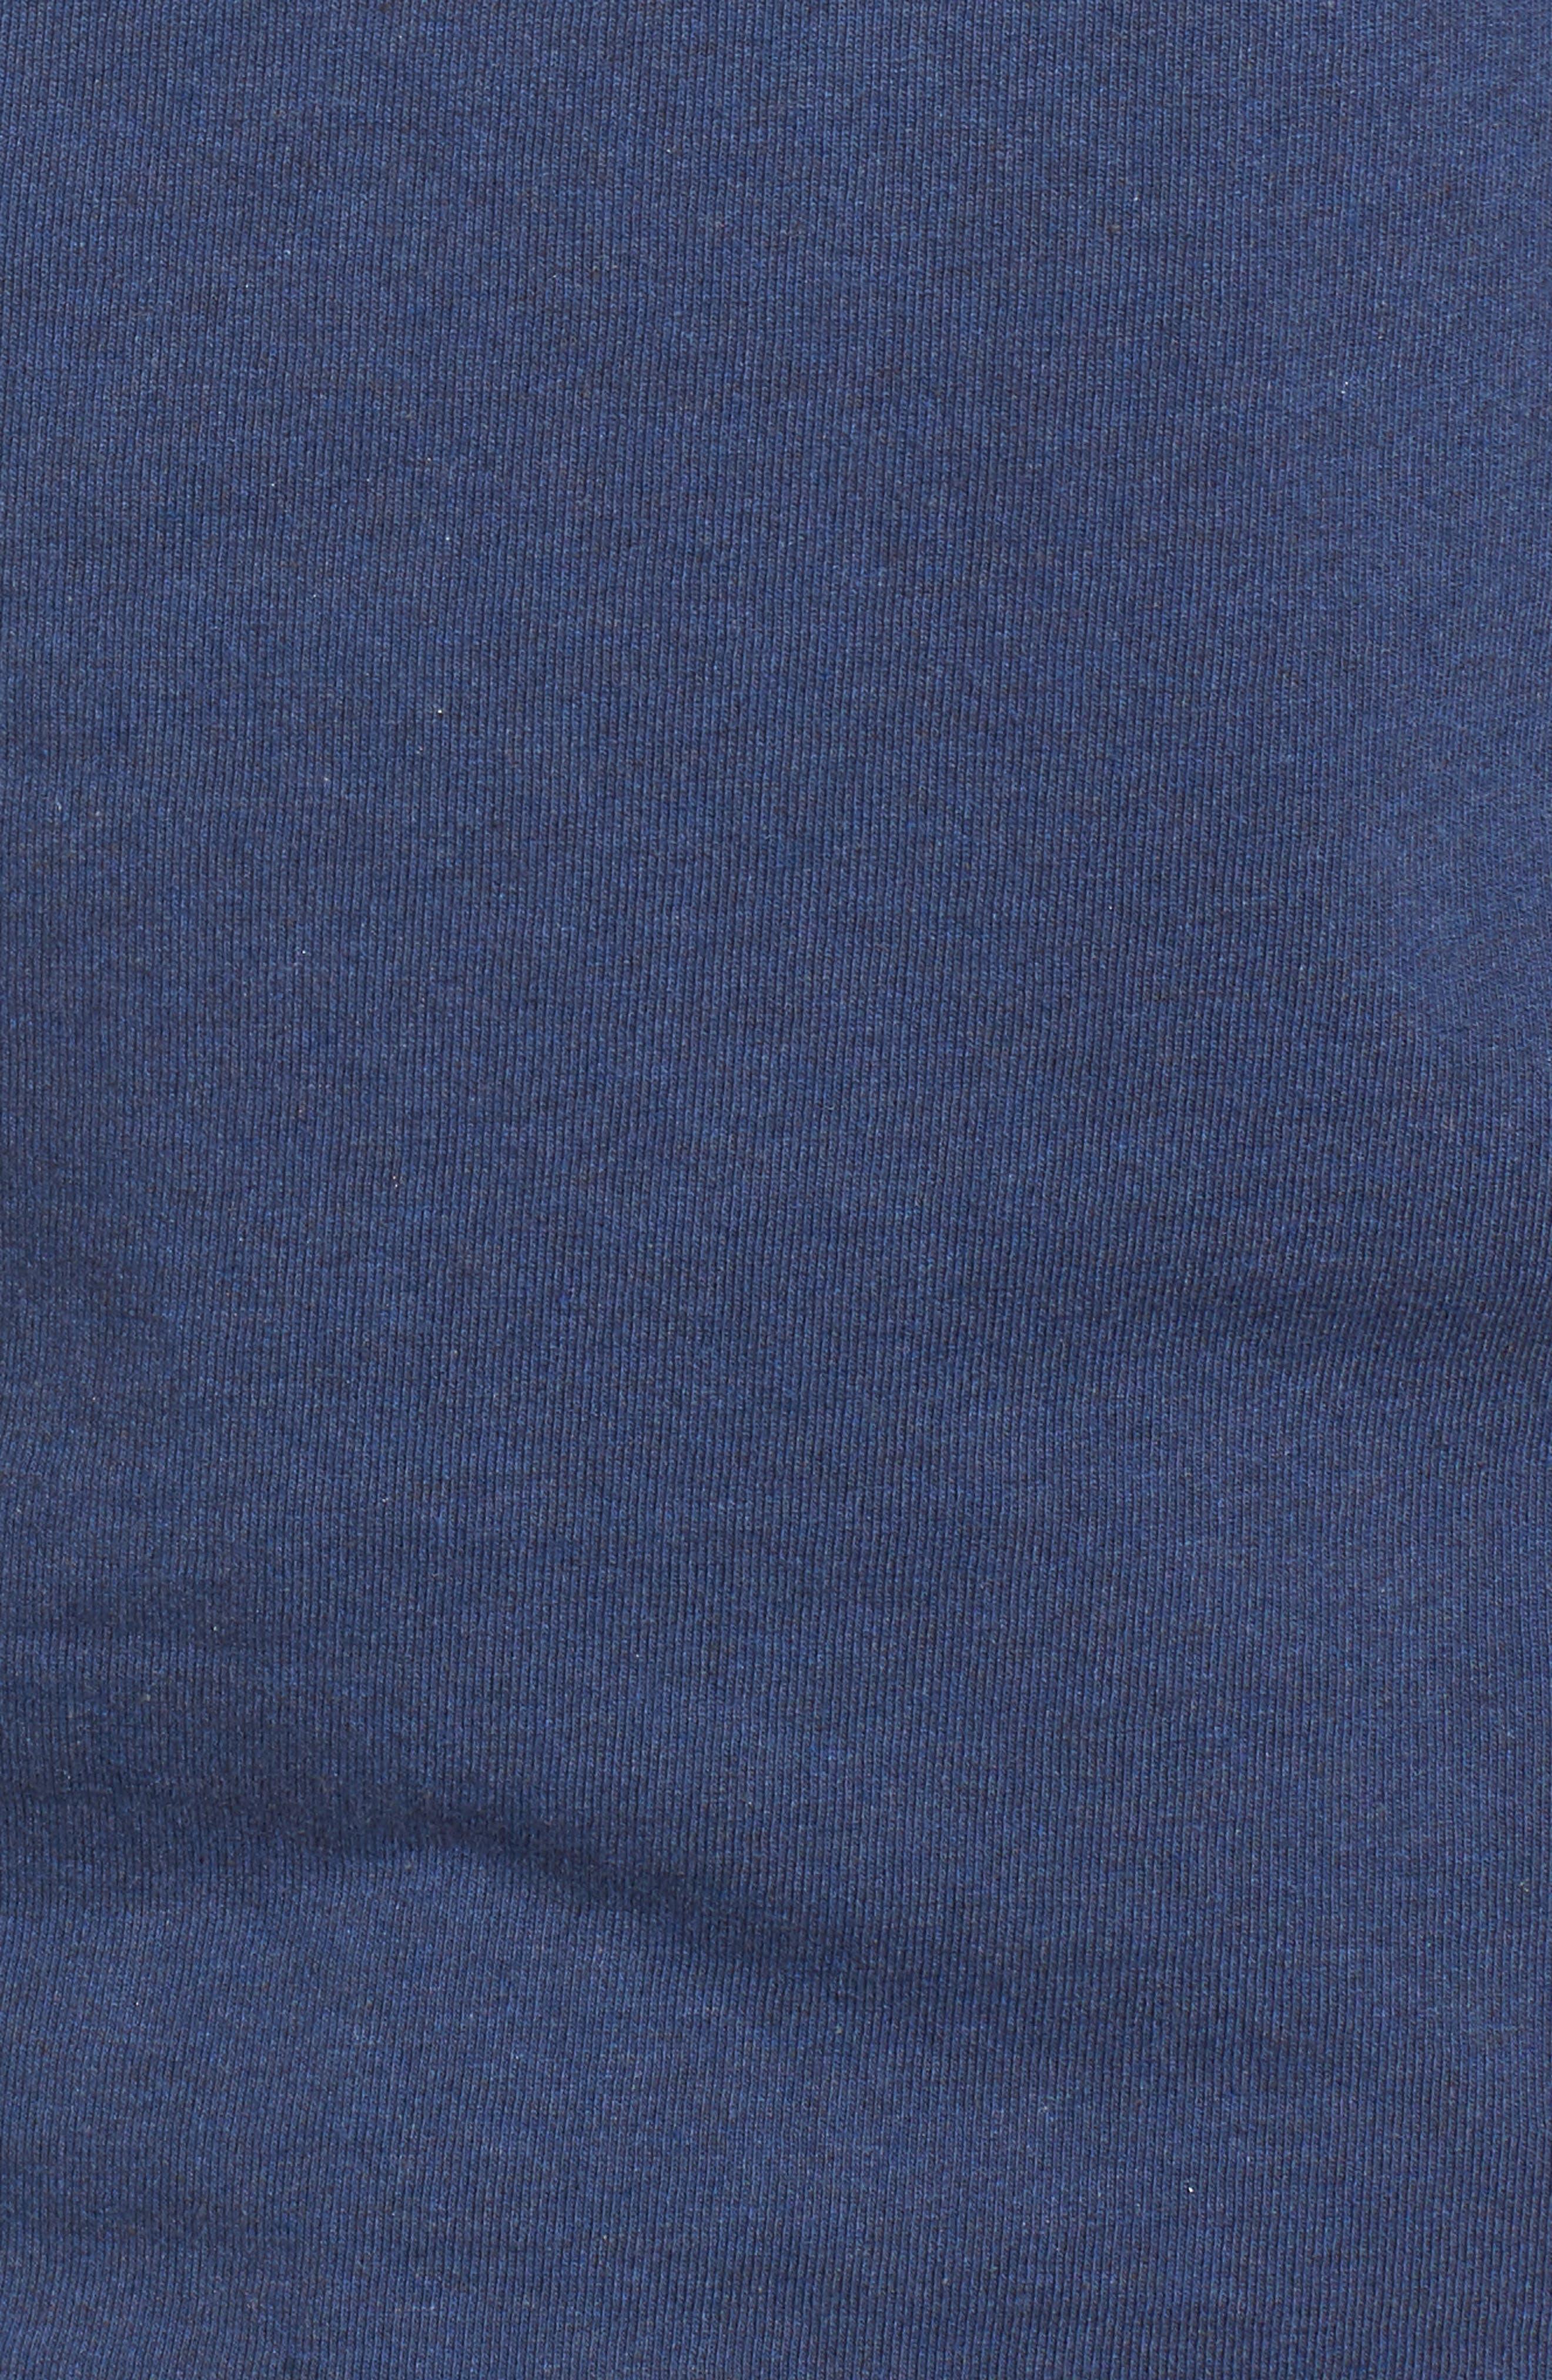 Glacier Born Responsibili-Tee T-Shirt,                             Alternate thumbnail 5, color,                             Dolomite Blue